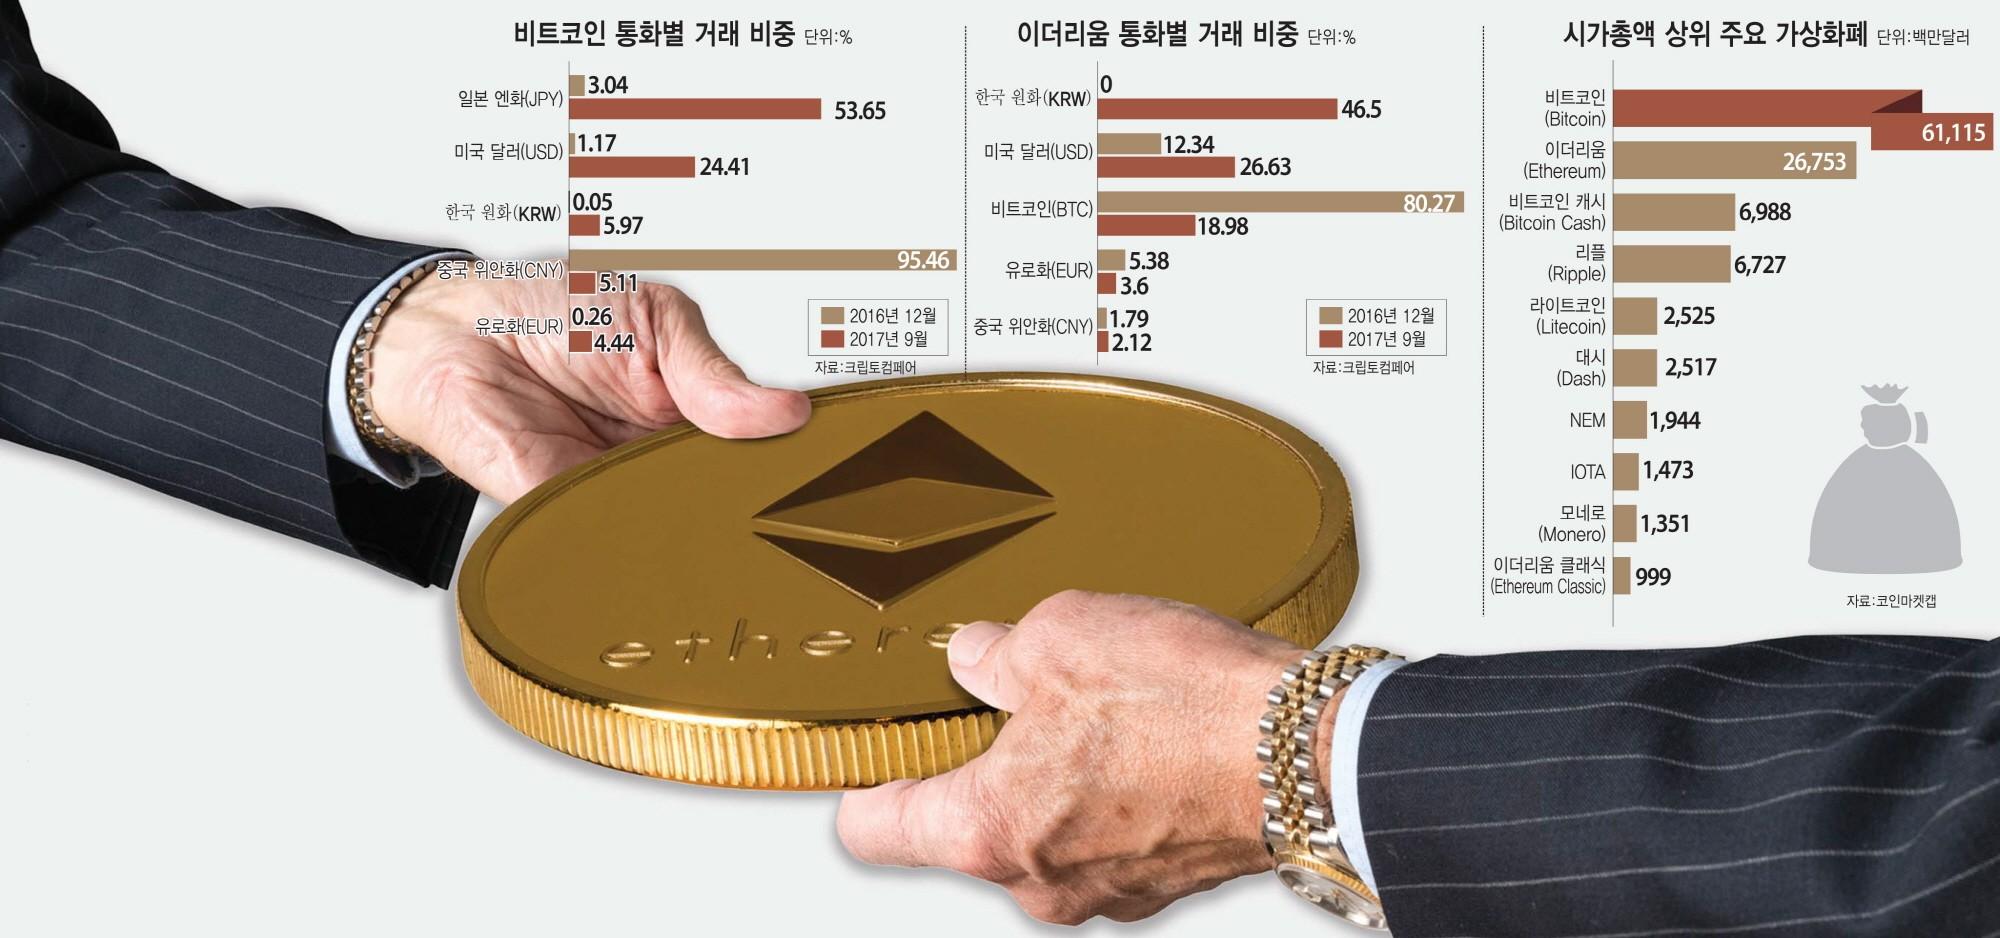 [이슈분석]'금융혁명 vs 튤립버블' 논쟁 속...급속 팽창하는 한국 가상화폐 시장